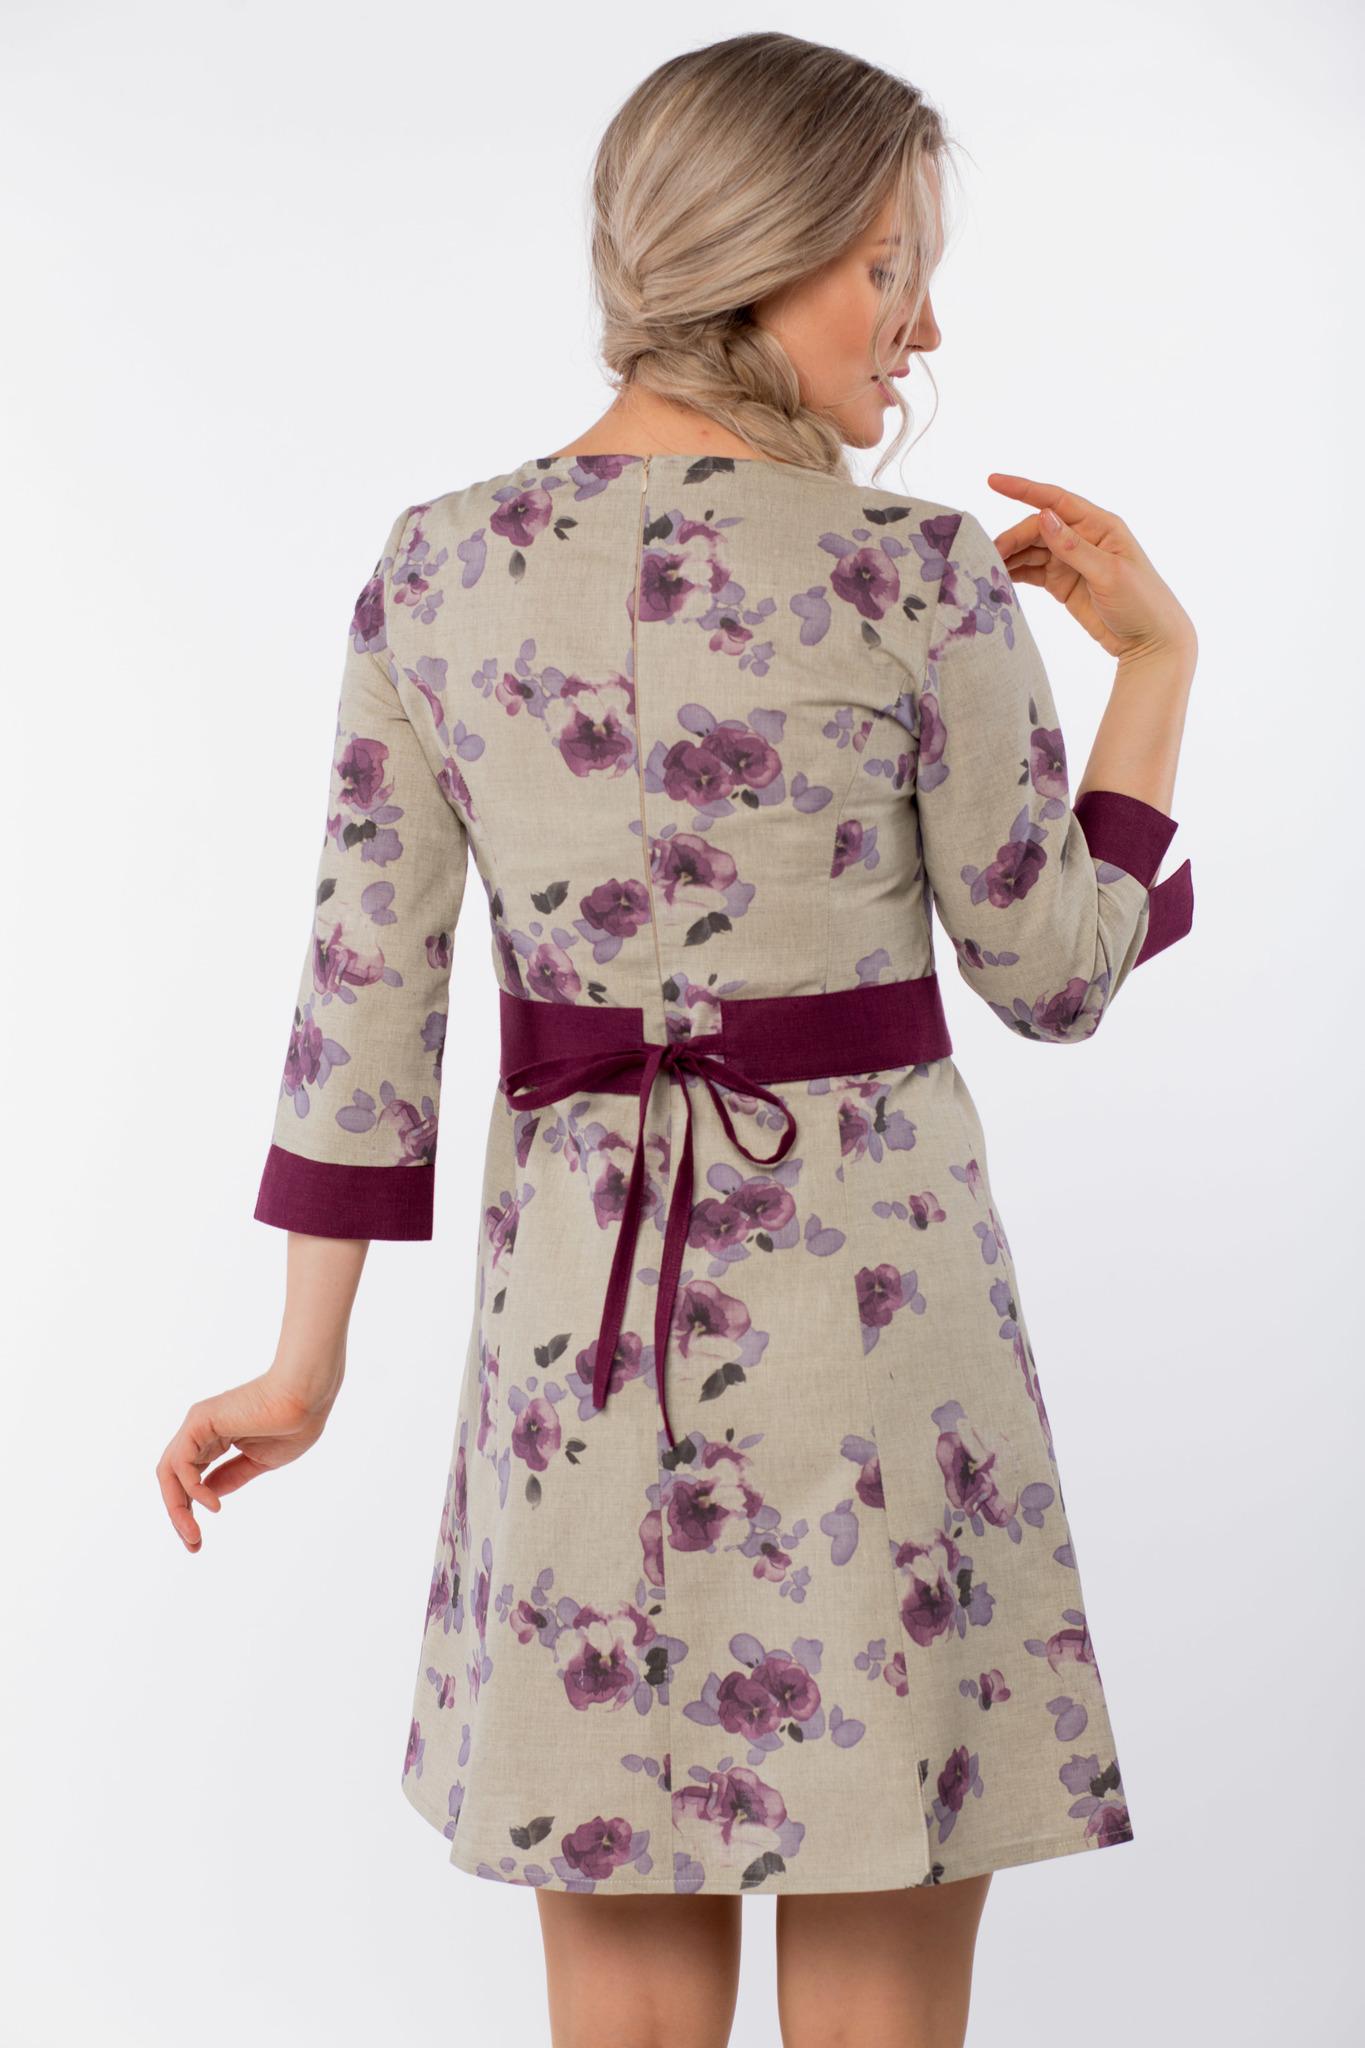 Платье льняное Лесная фиалка вид сзади приближенный